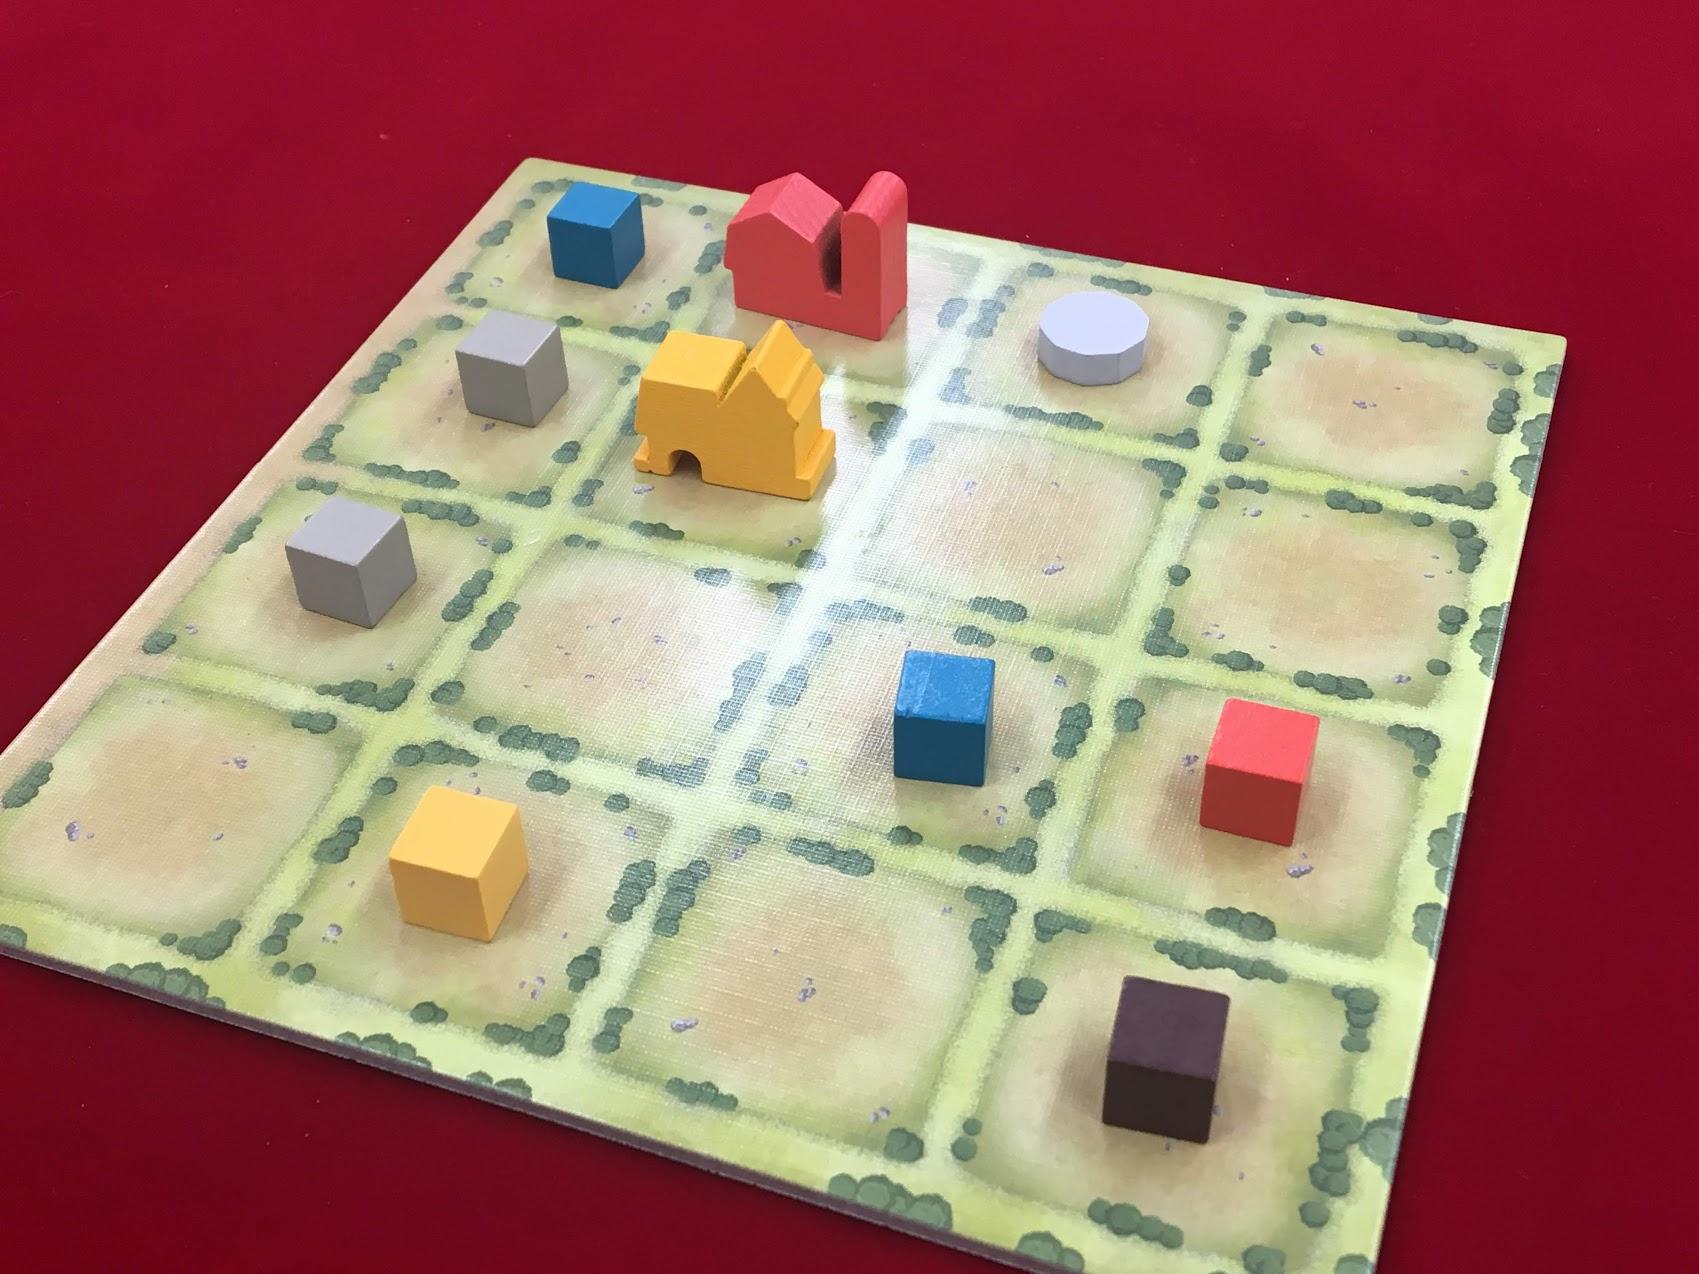 ゲーム概要|【レビュー】タイニータウン (Tiny Towns)